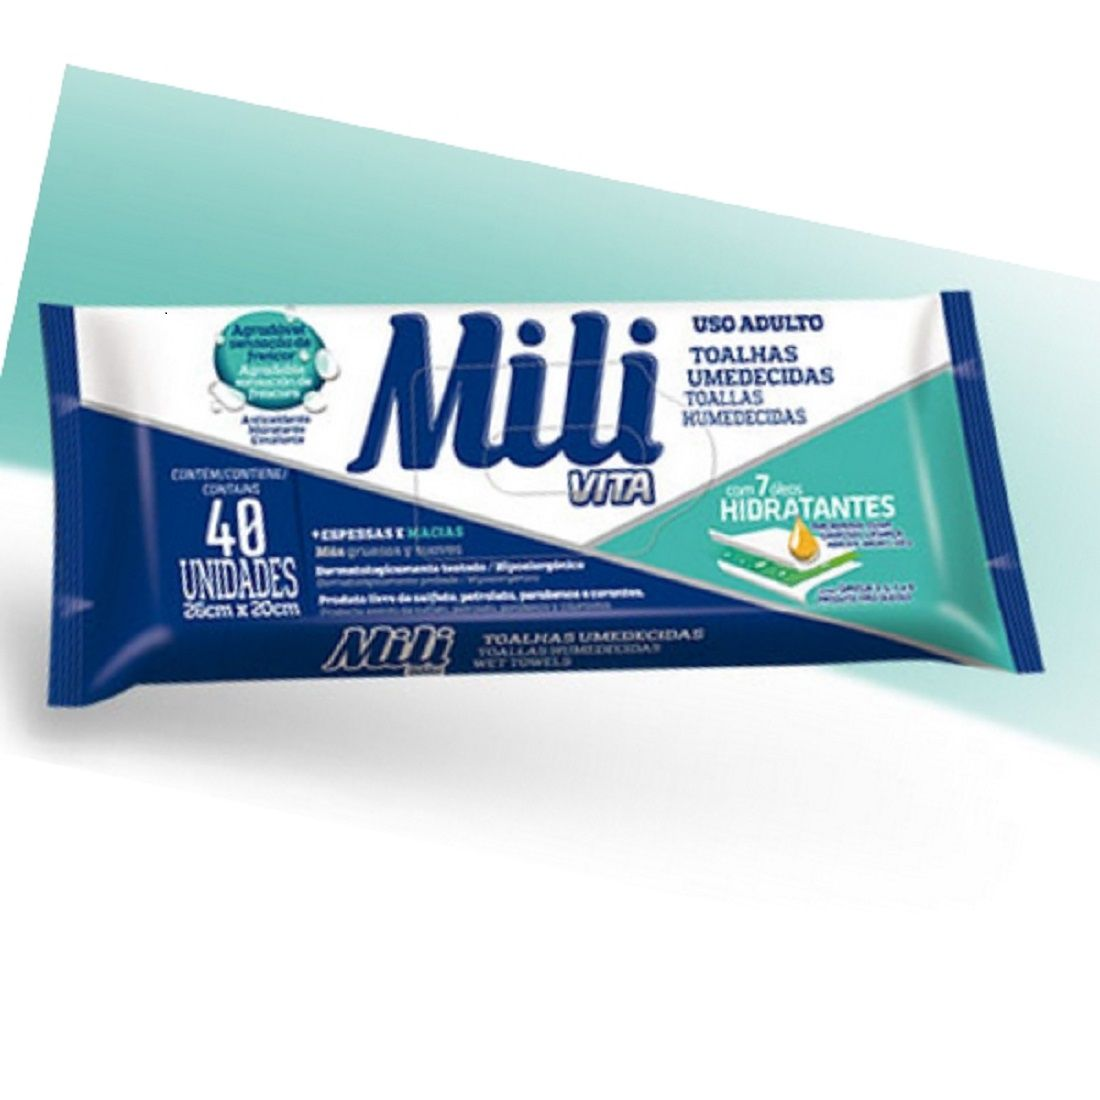 Toalhas Umedecidas Mili Vita (uso Adulto) - 12 Pacotes C/40 UN Cada - Lenço Umedecido